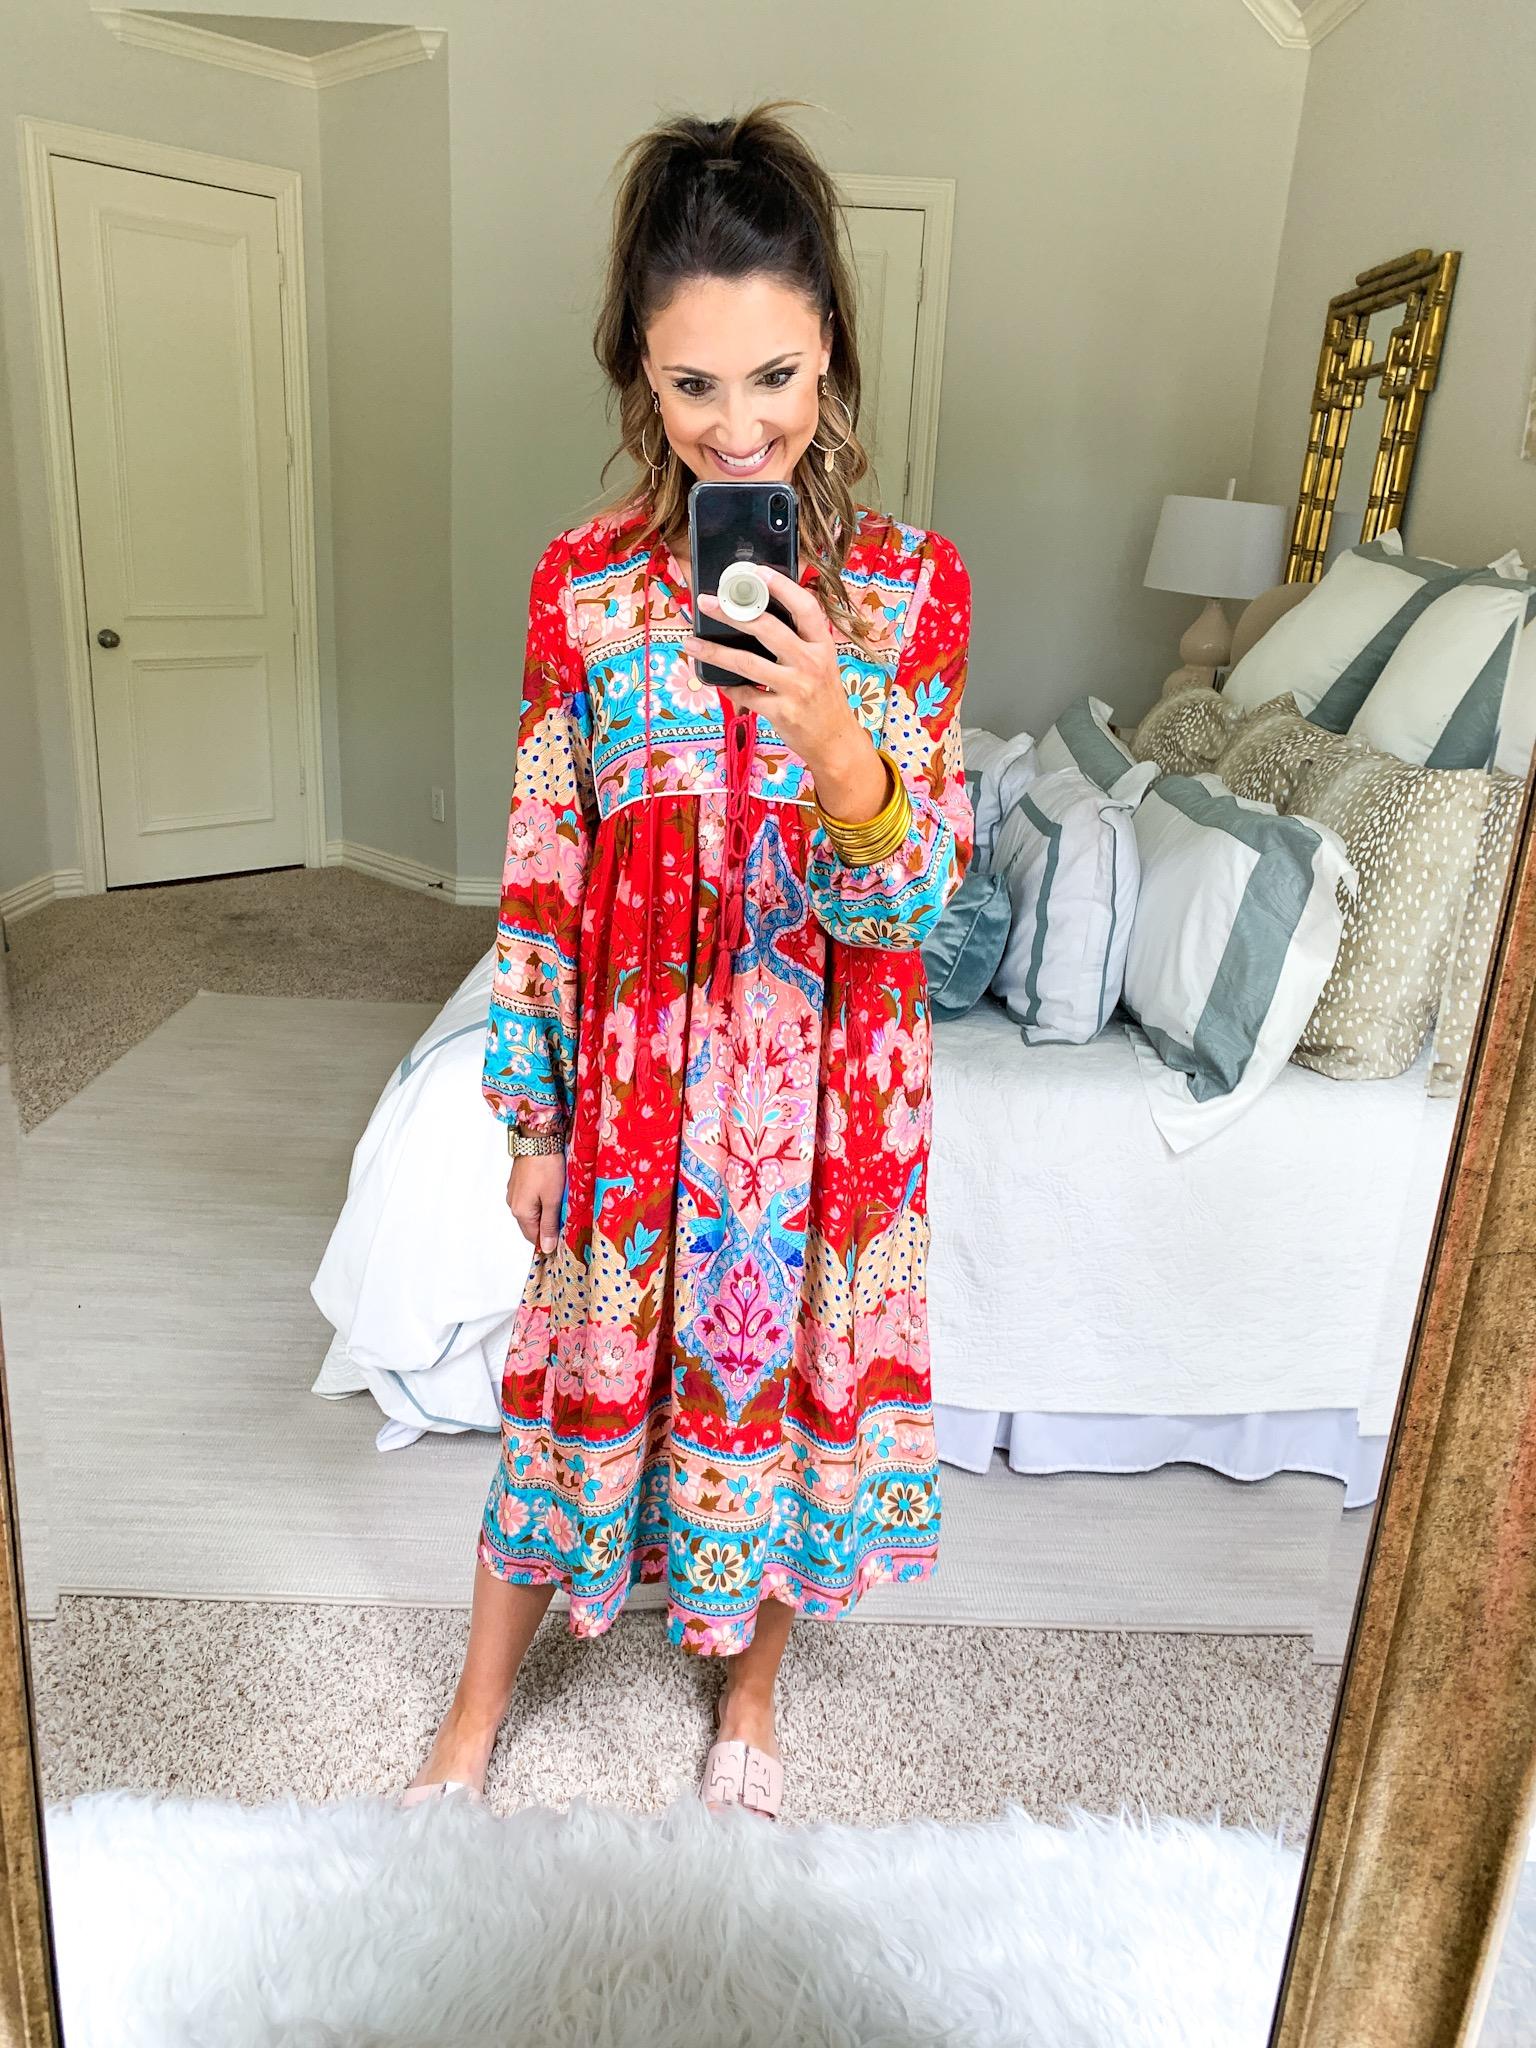 Printed Midi Dress | Amazon Fashion Haul | Style Your Senses